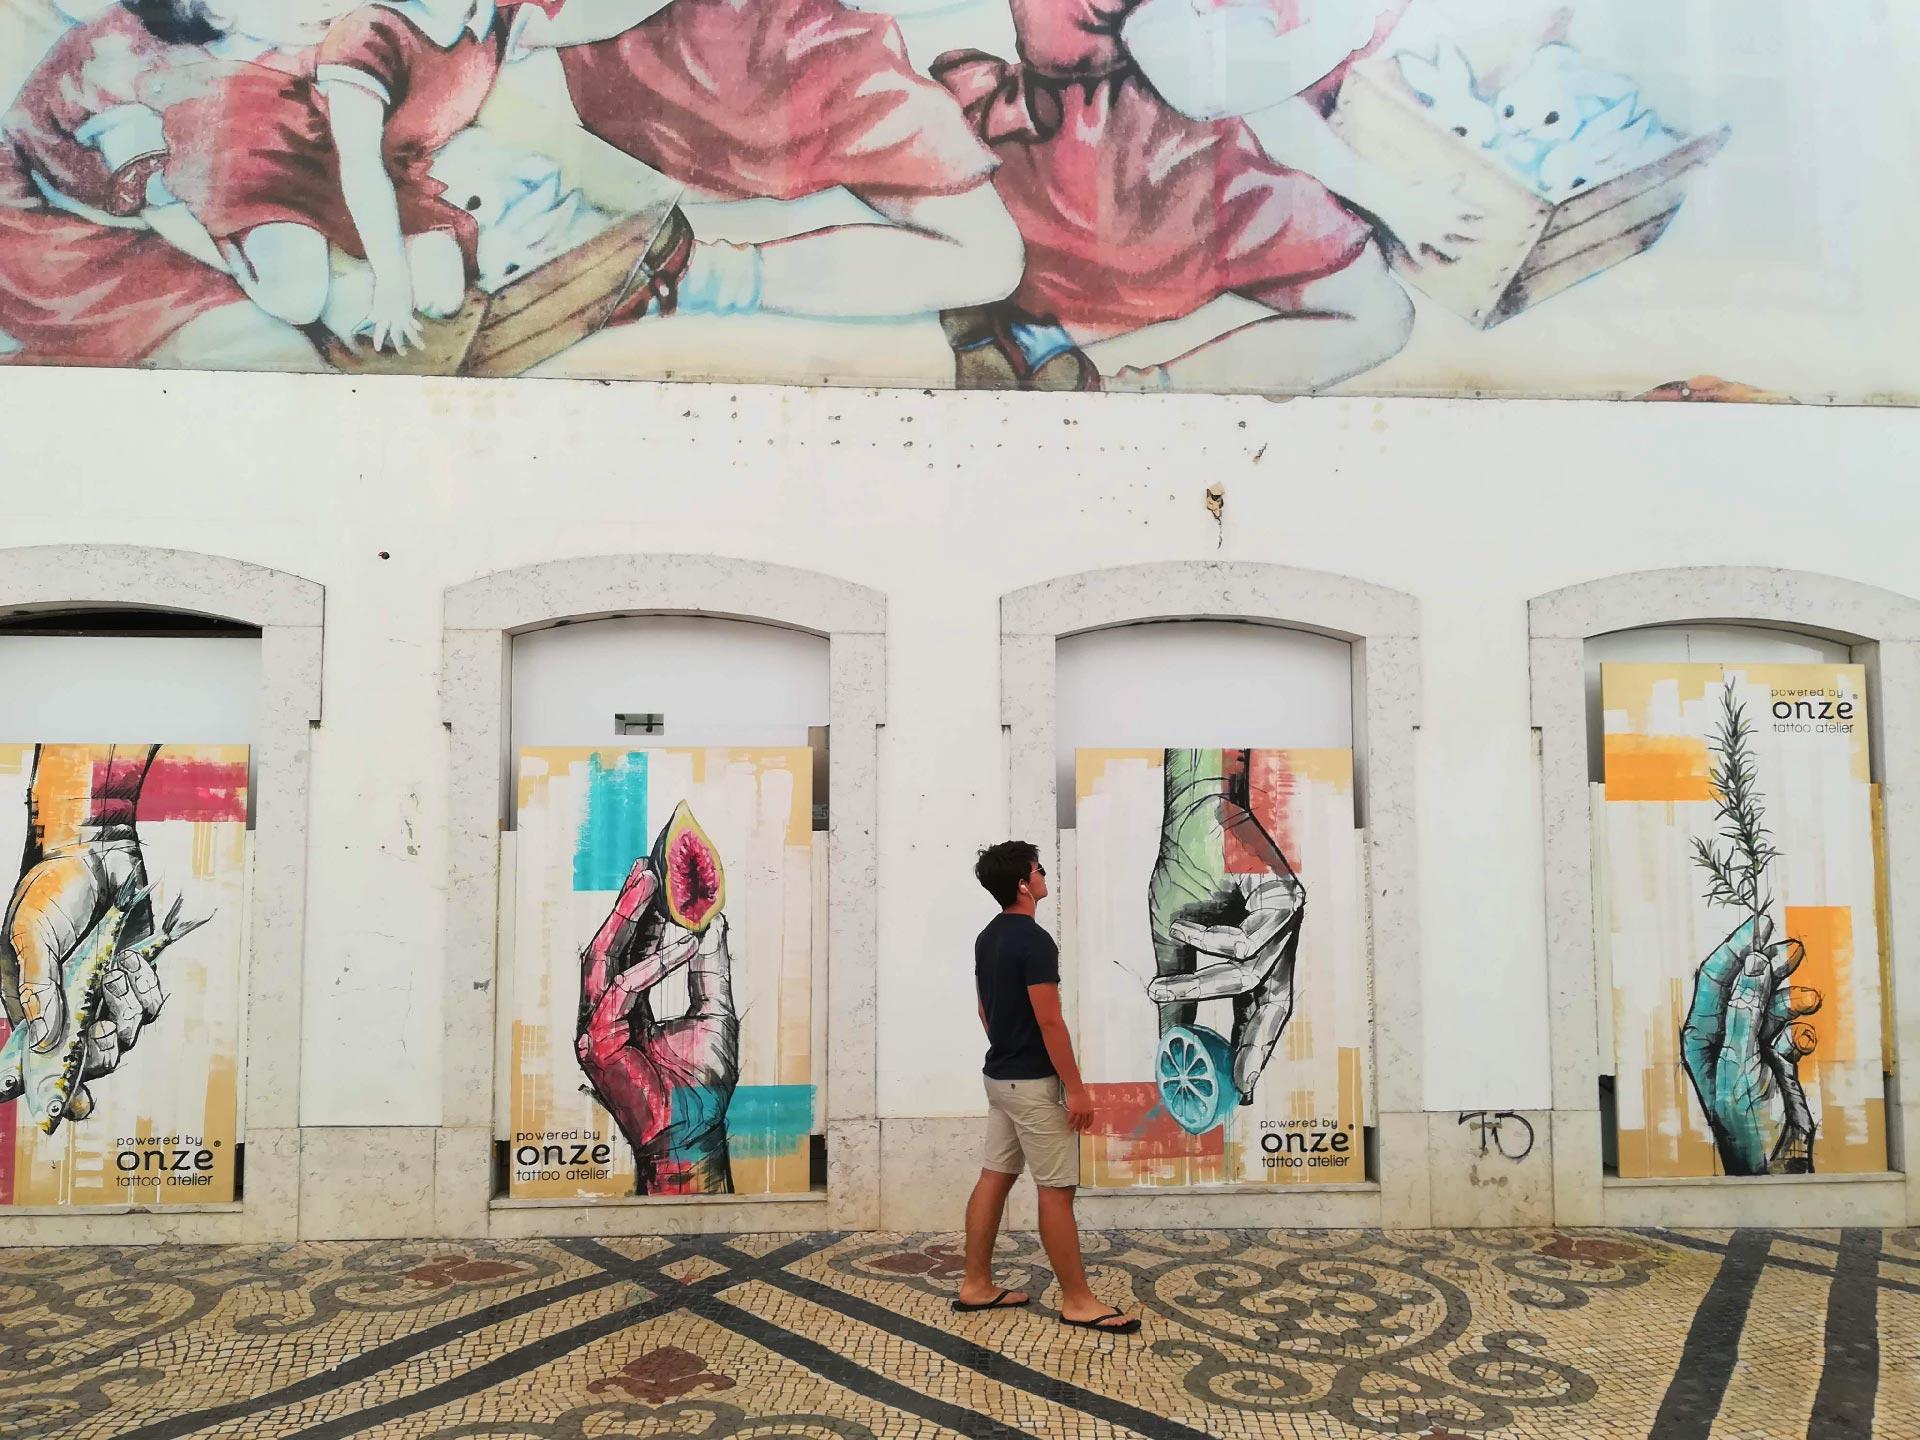 Murales che decorano le vie del centro di Faro, Algarve, Portogallo